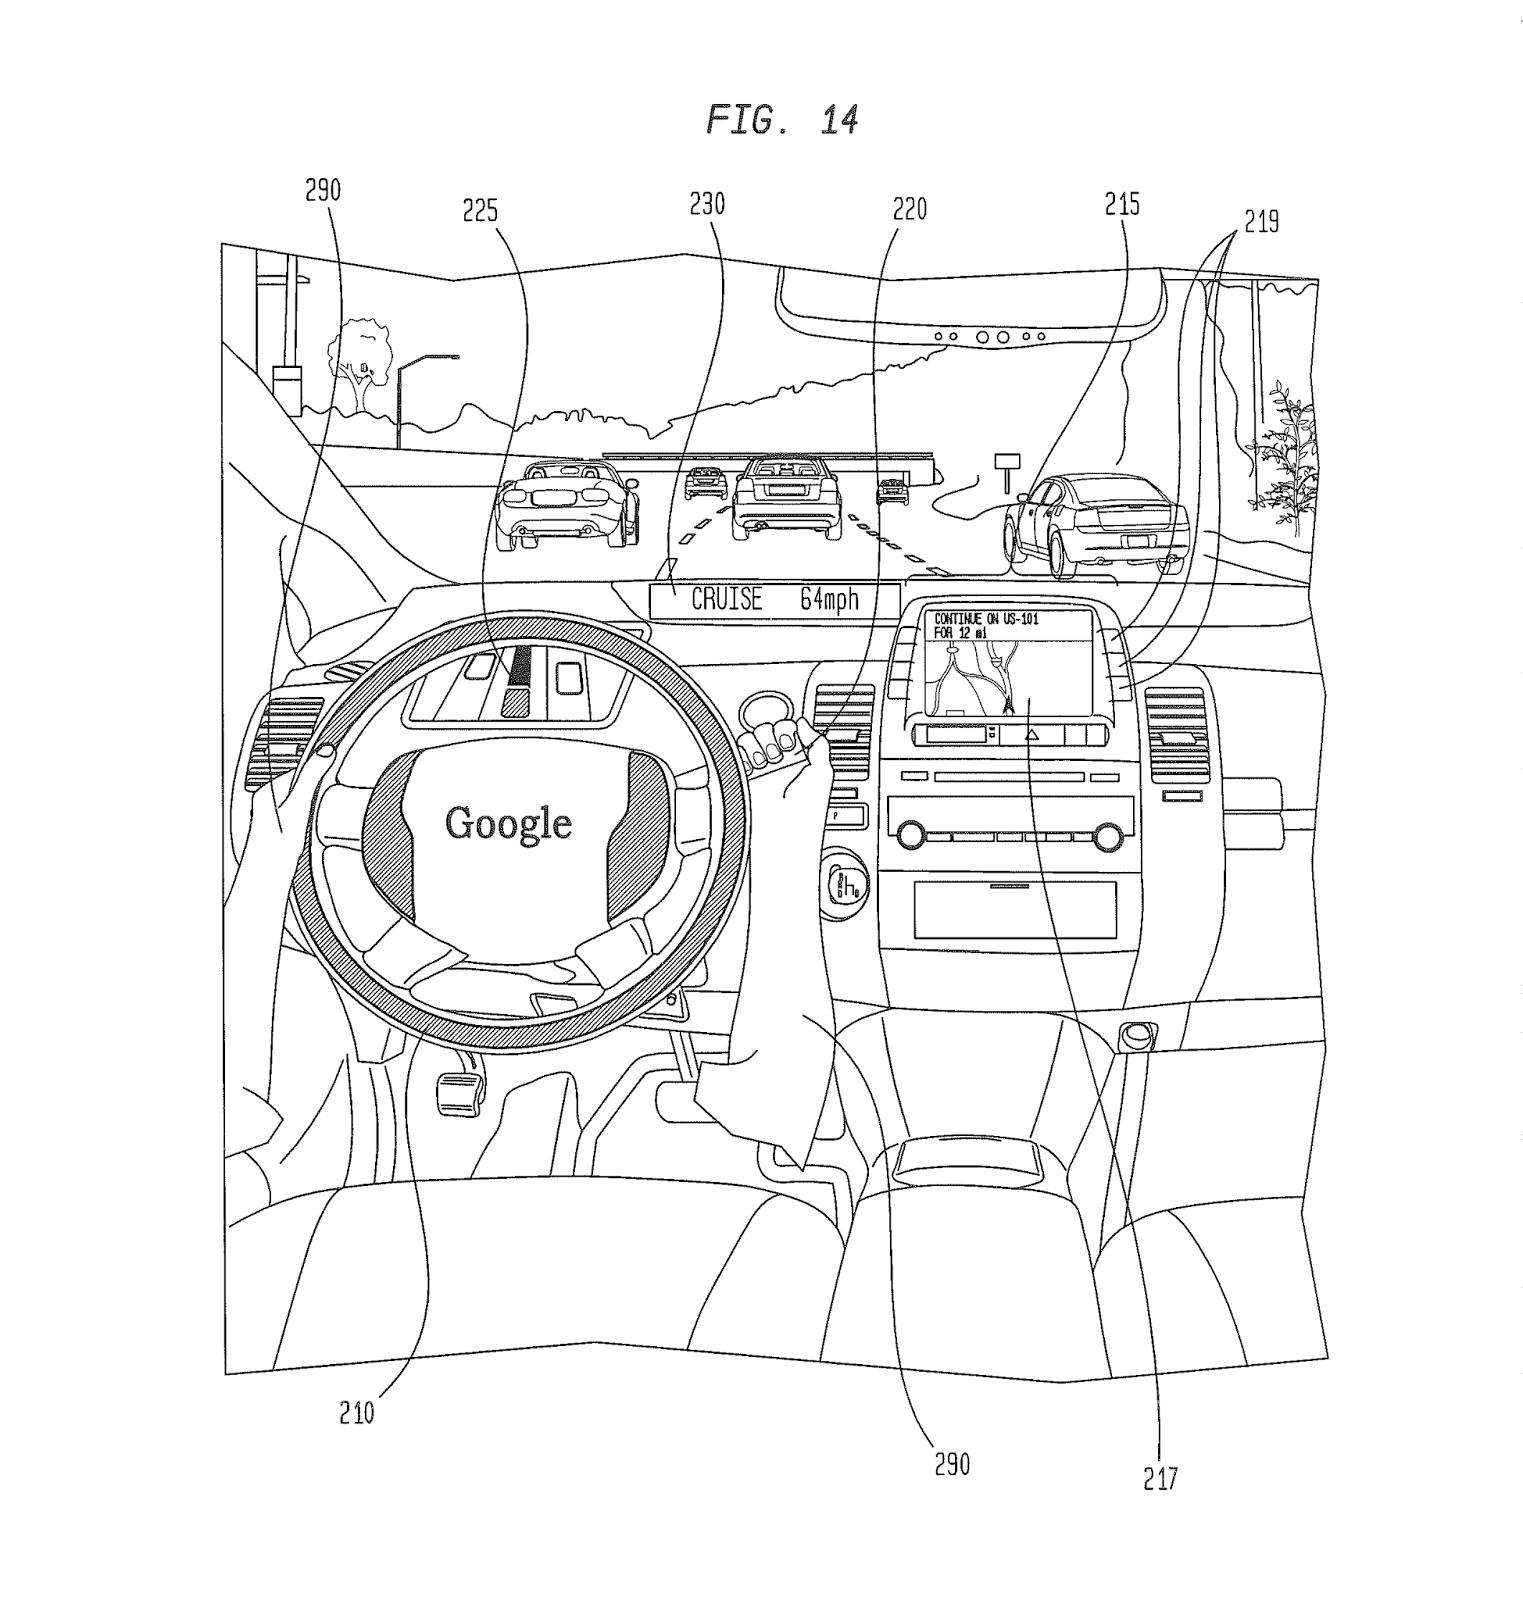 Car User Interface For Displaying Internal State